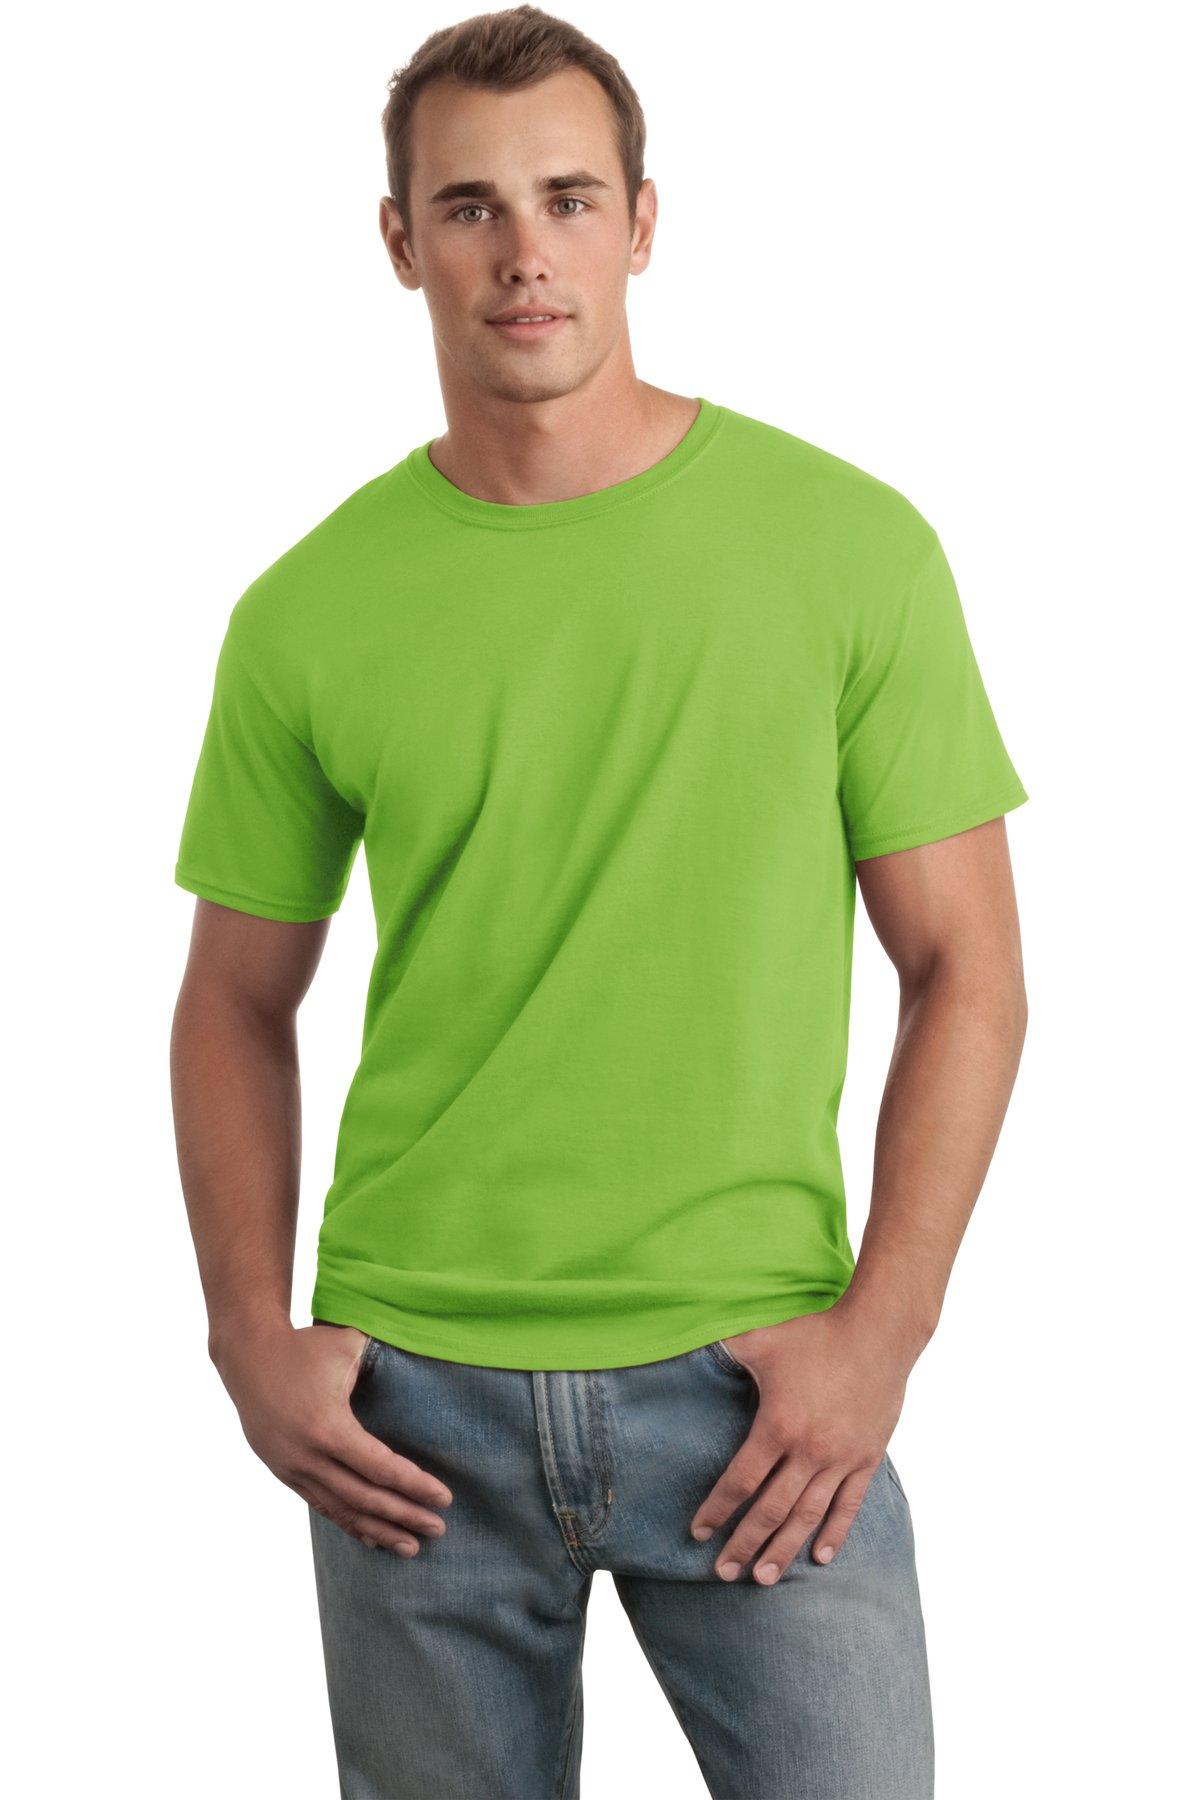 d6a027dc Gildan Softstyle ® T-Shirt. 64000 - Apparel - Transfer Express